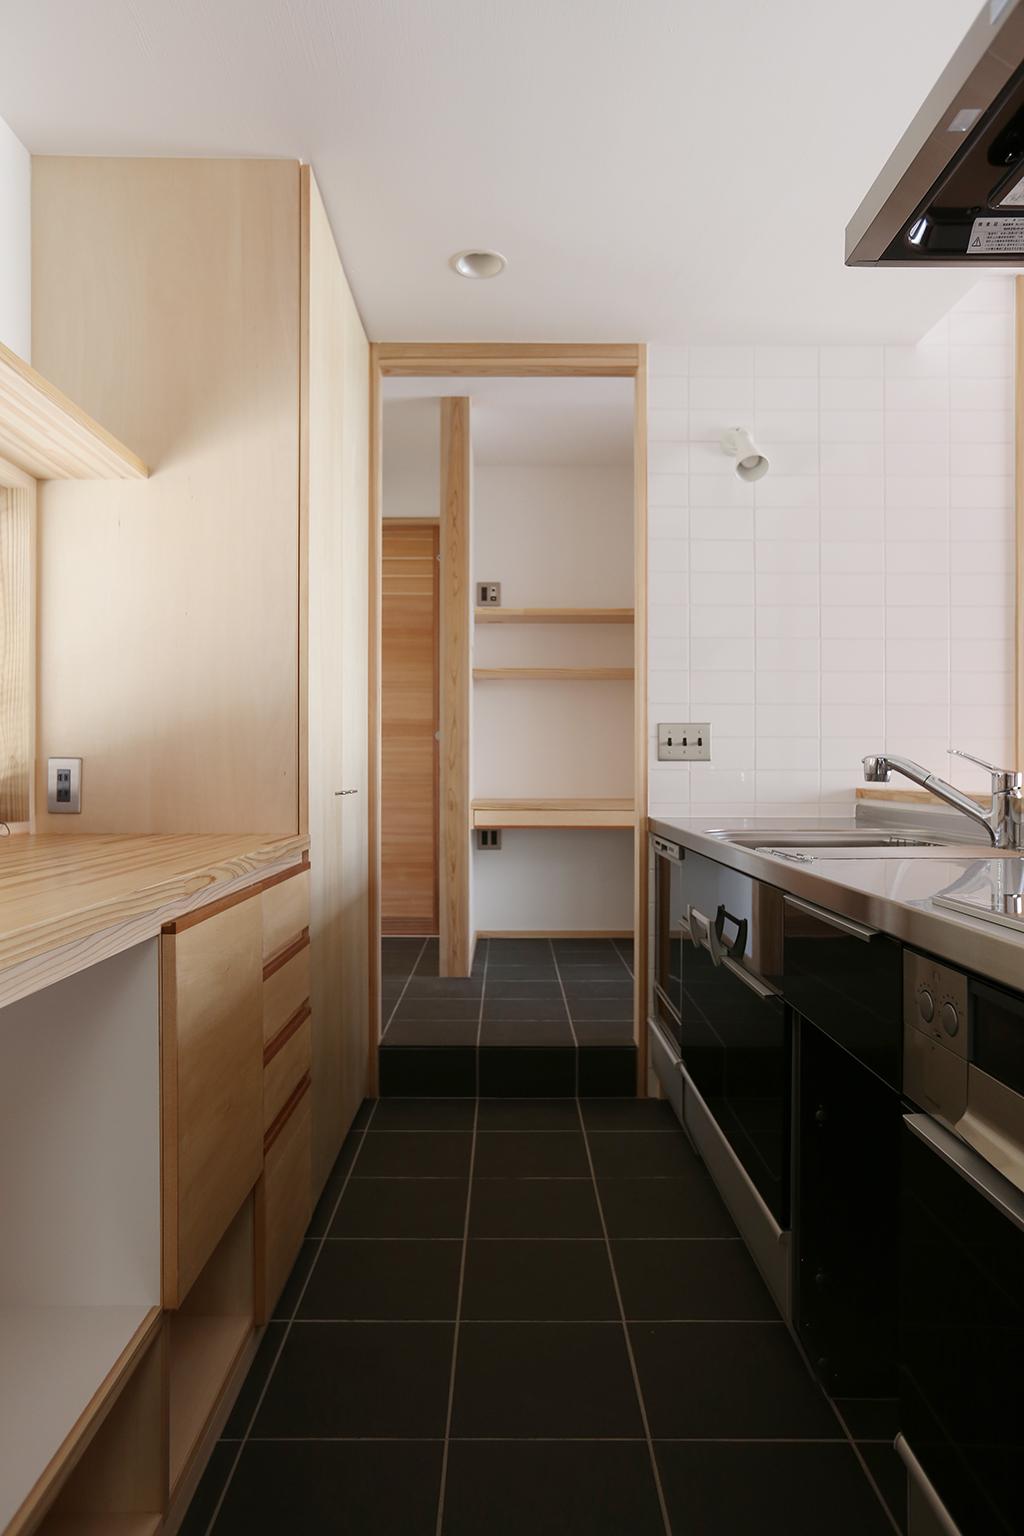 姫路市の木の家 床を一段下げた土間キッチン